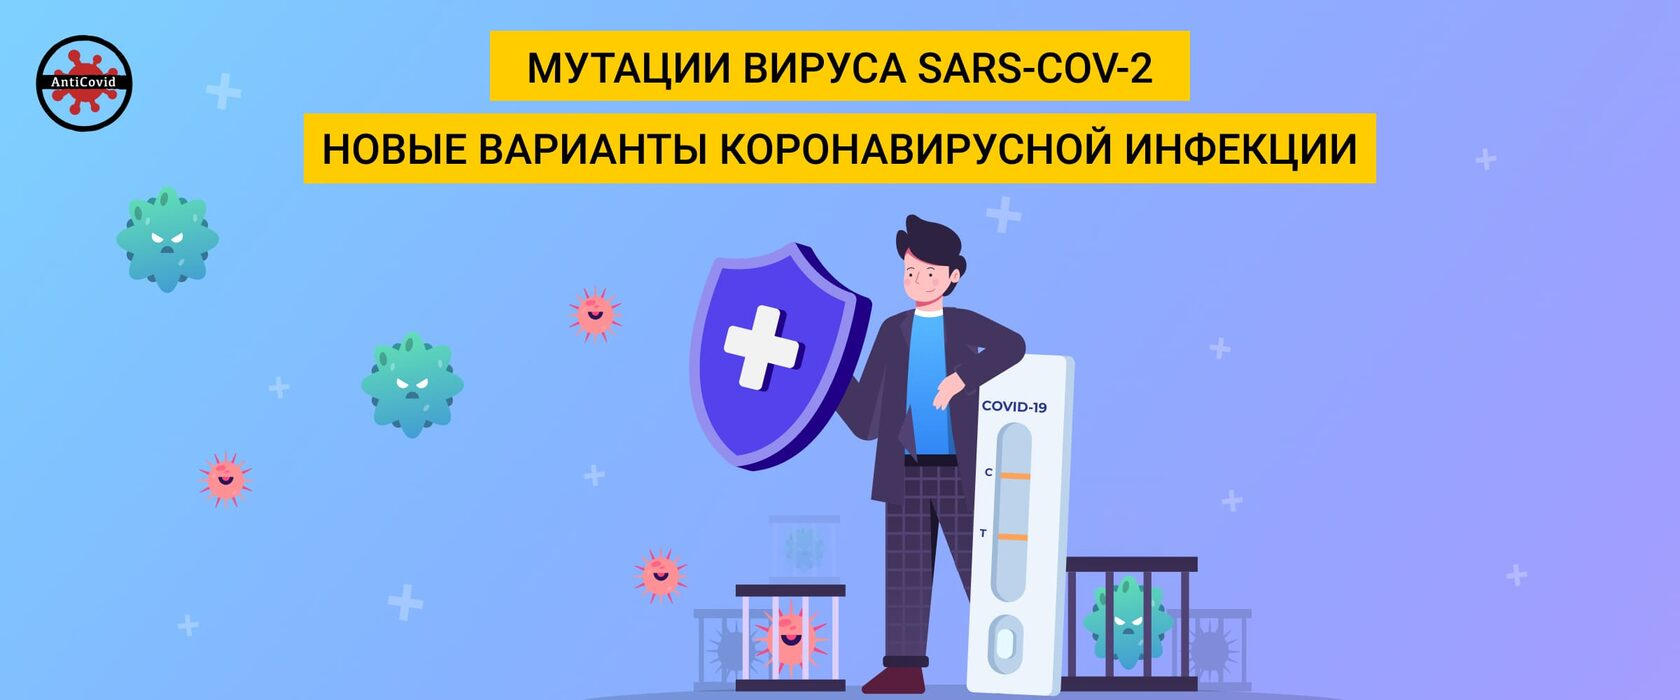 Мутации вируса SARS-COV-2 Новые варианты коронавирусной инфекции